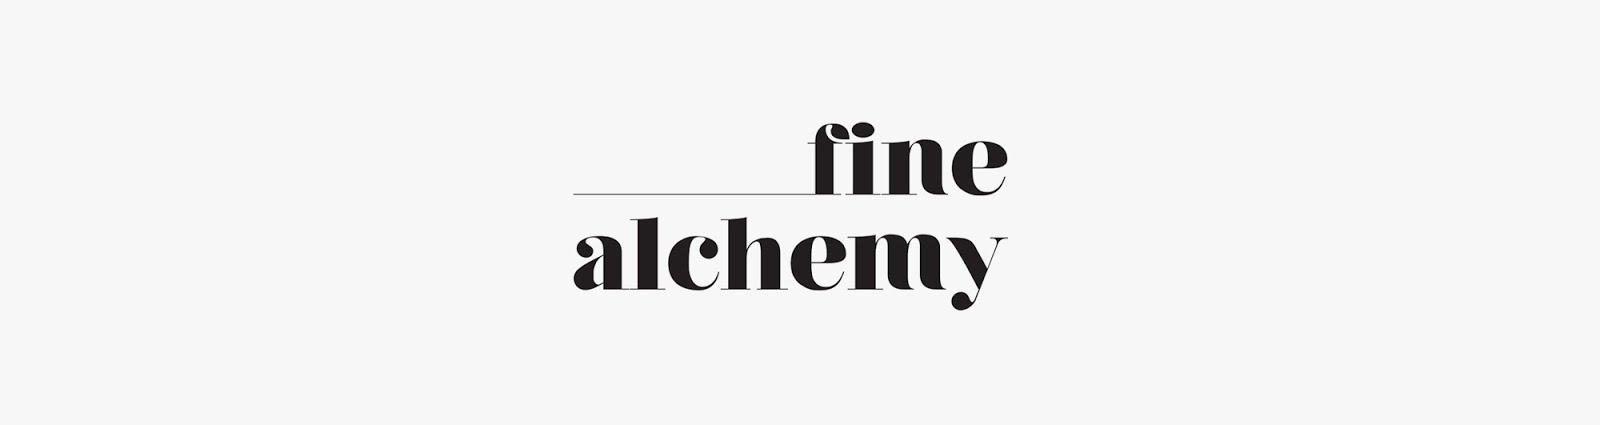 Fine Alchemy